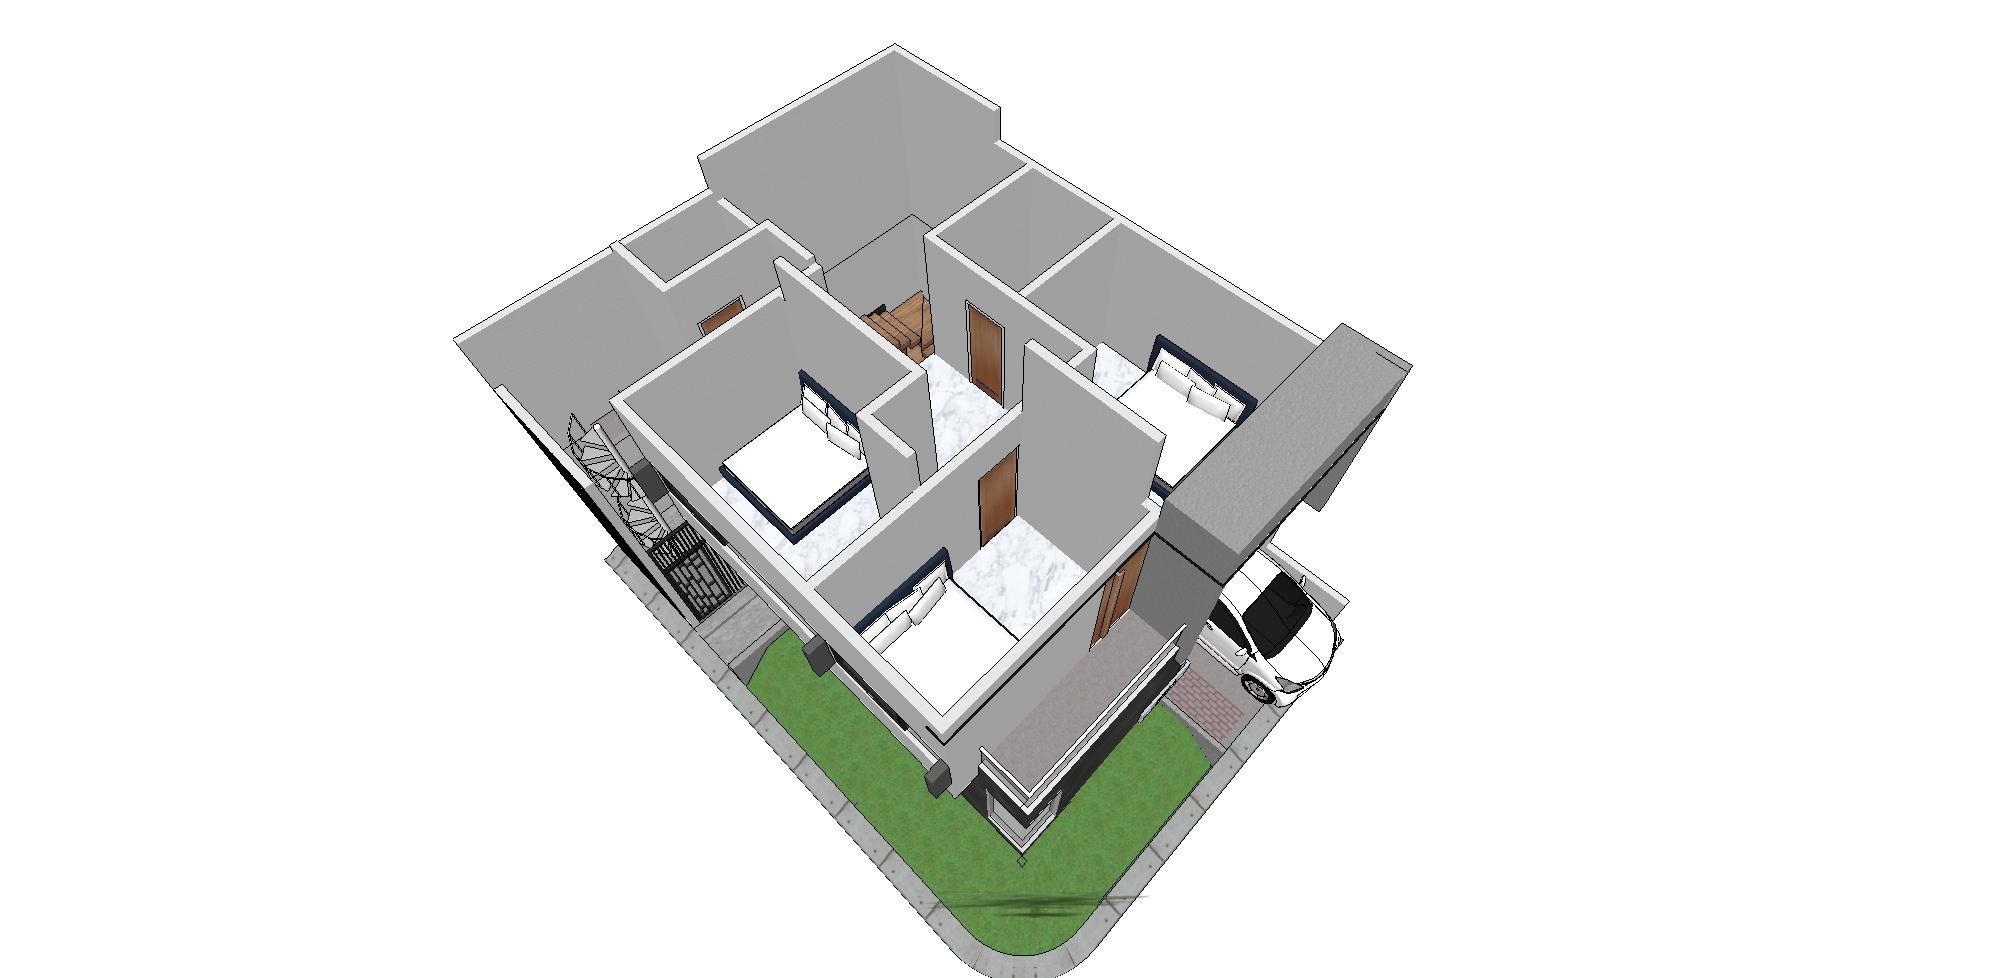 Zigzag Architecture Studio C House - Karawaci Karawaci, Kota Tangerang, Banten, Indonesia Karawaci, Kota Tangerang, Banten, Indonesia Zigzag-Architecture-Studio-C-House-Karawaci   59739